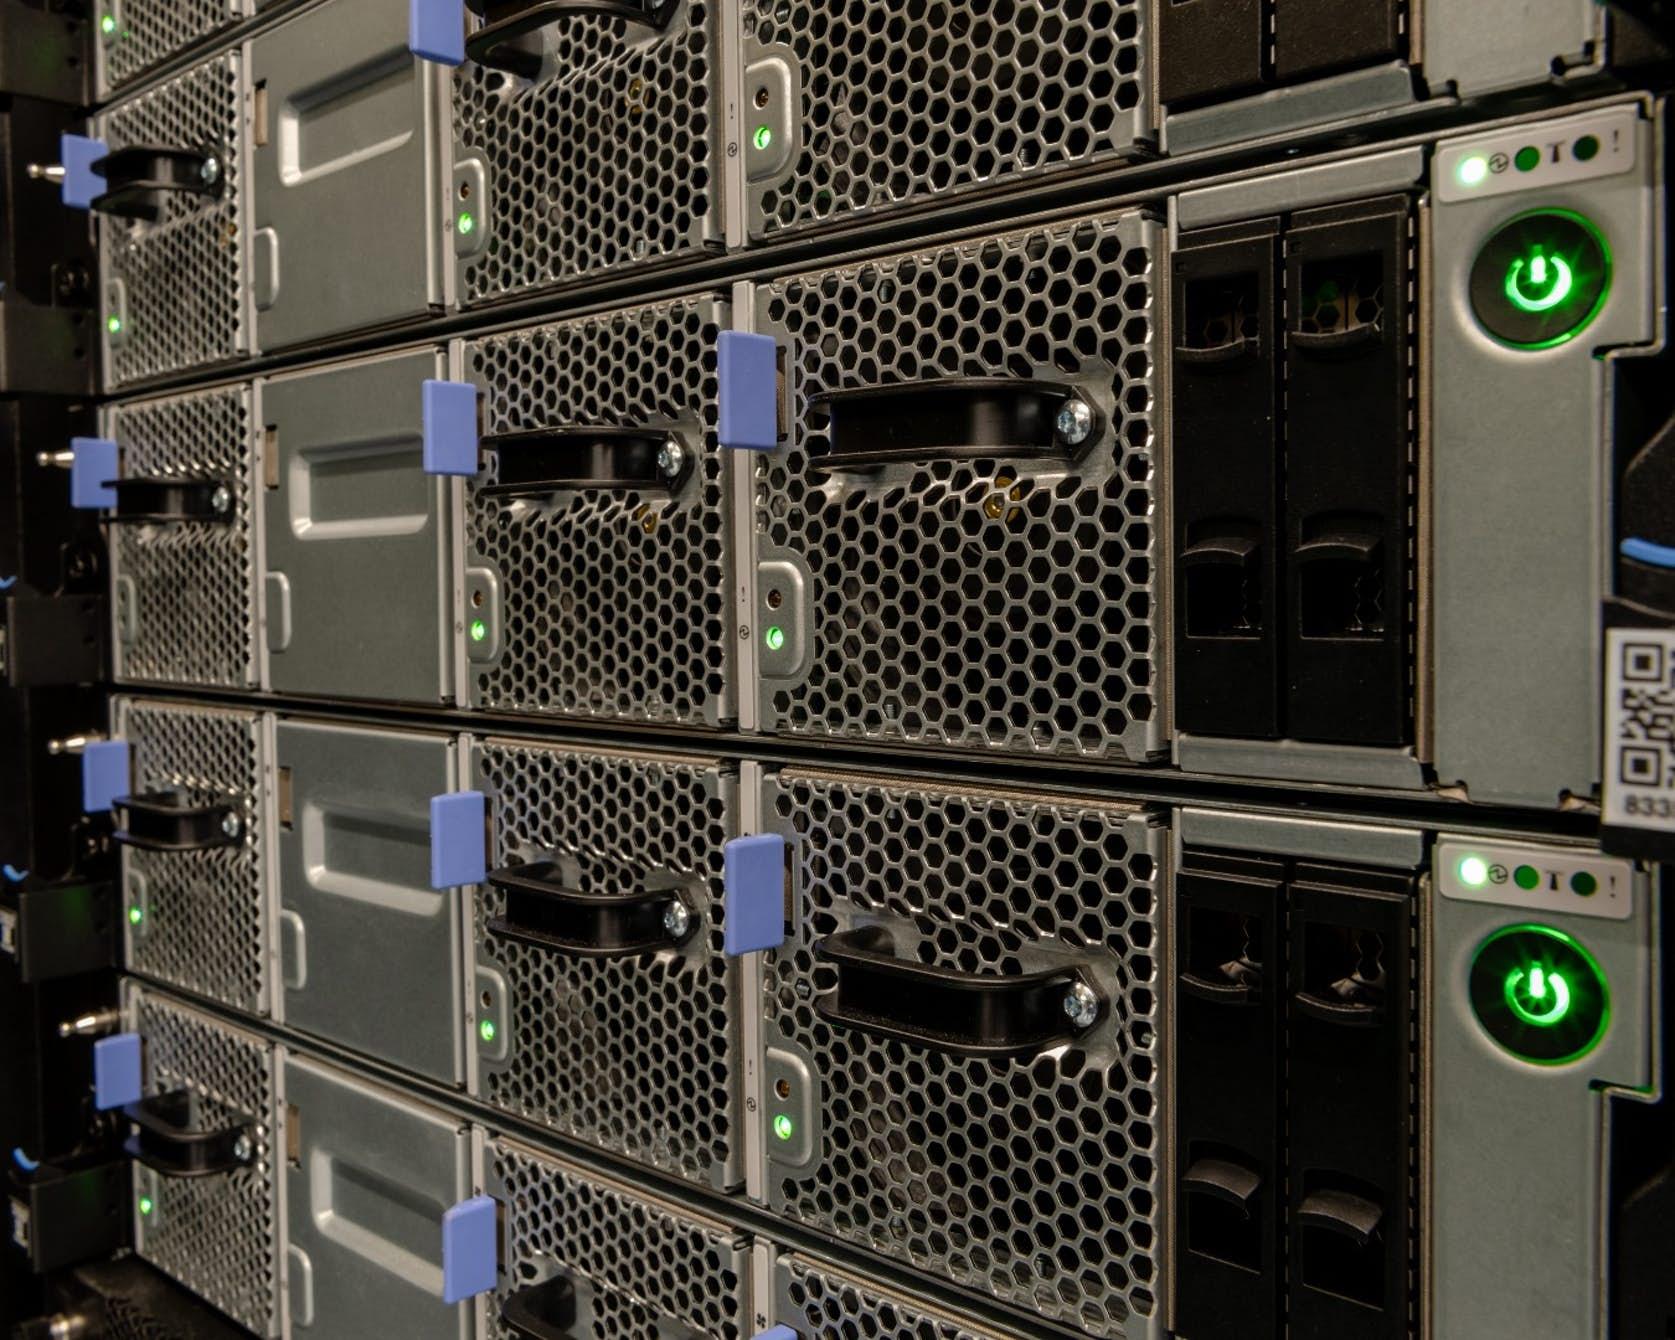 Summit tvoří 4608 serverů: Kredit: ORNL.